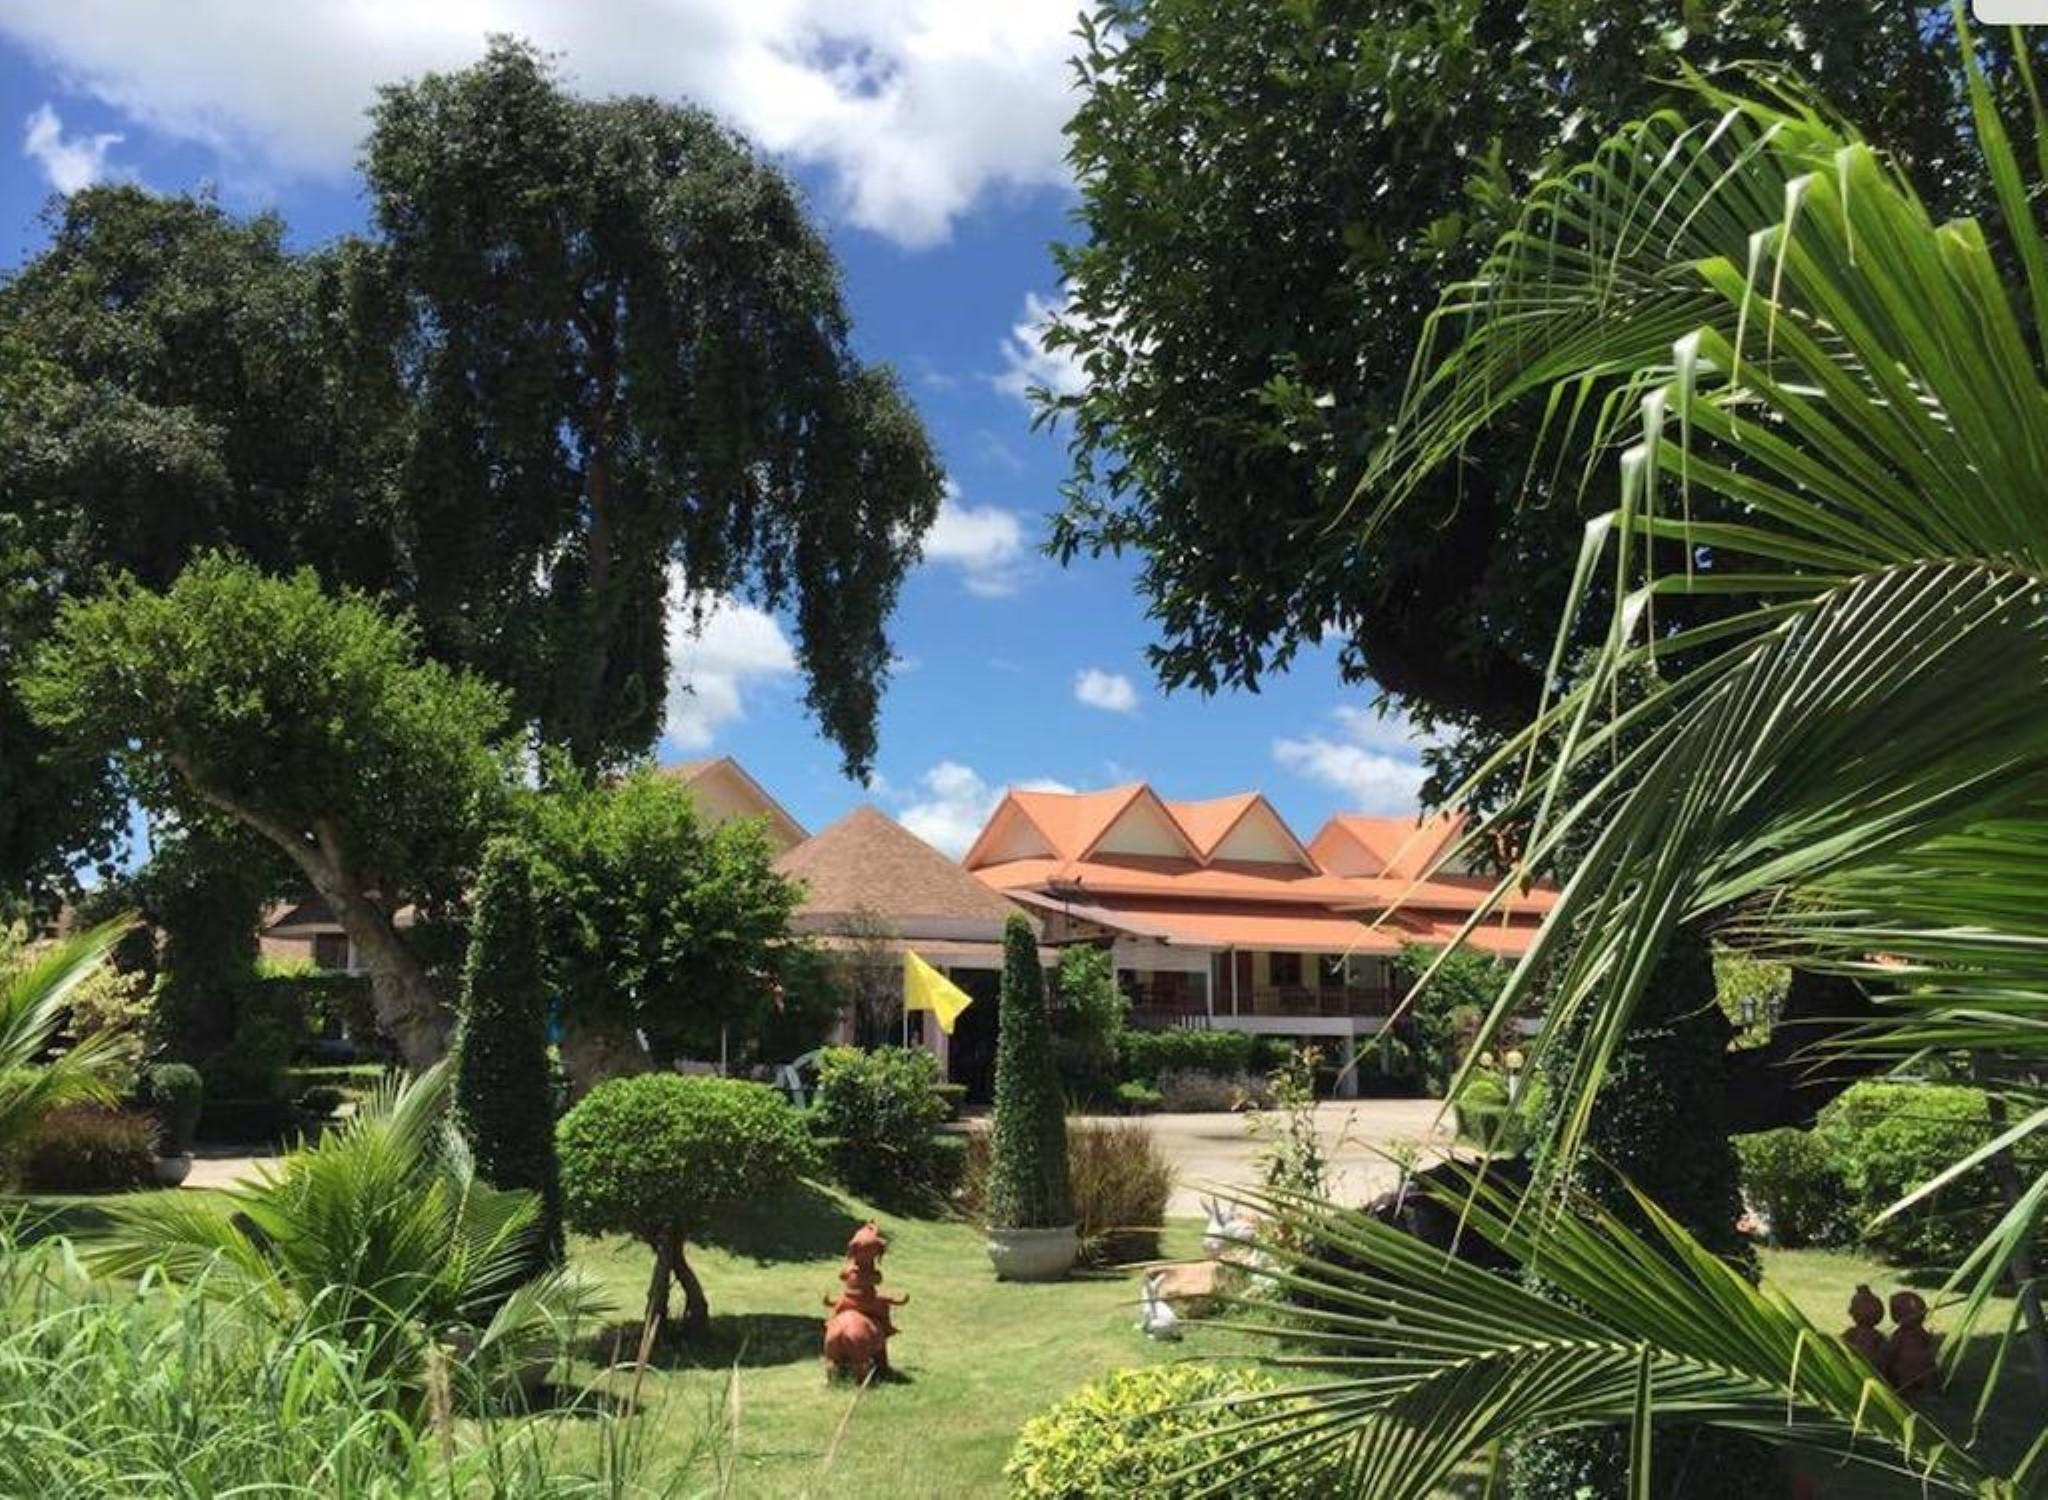 Maeping Mango Riverside Resort, Mueang Kamphaeng Phet